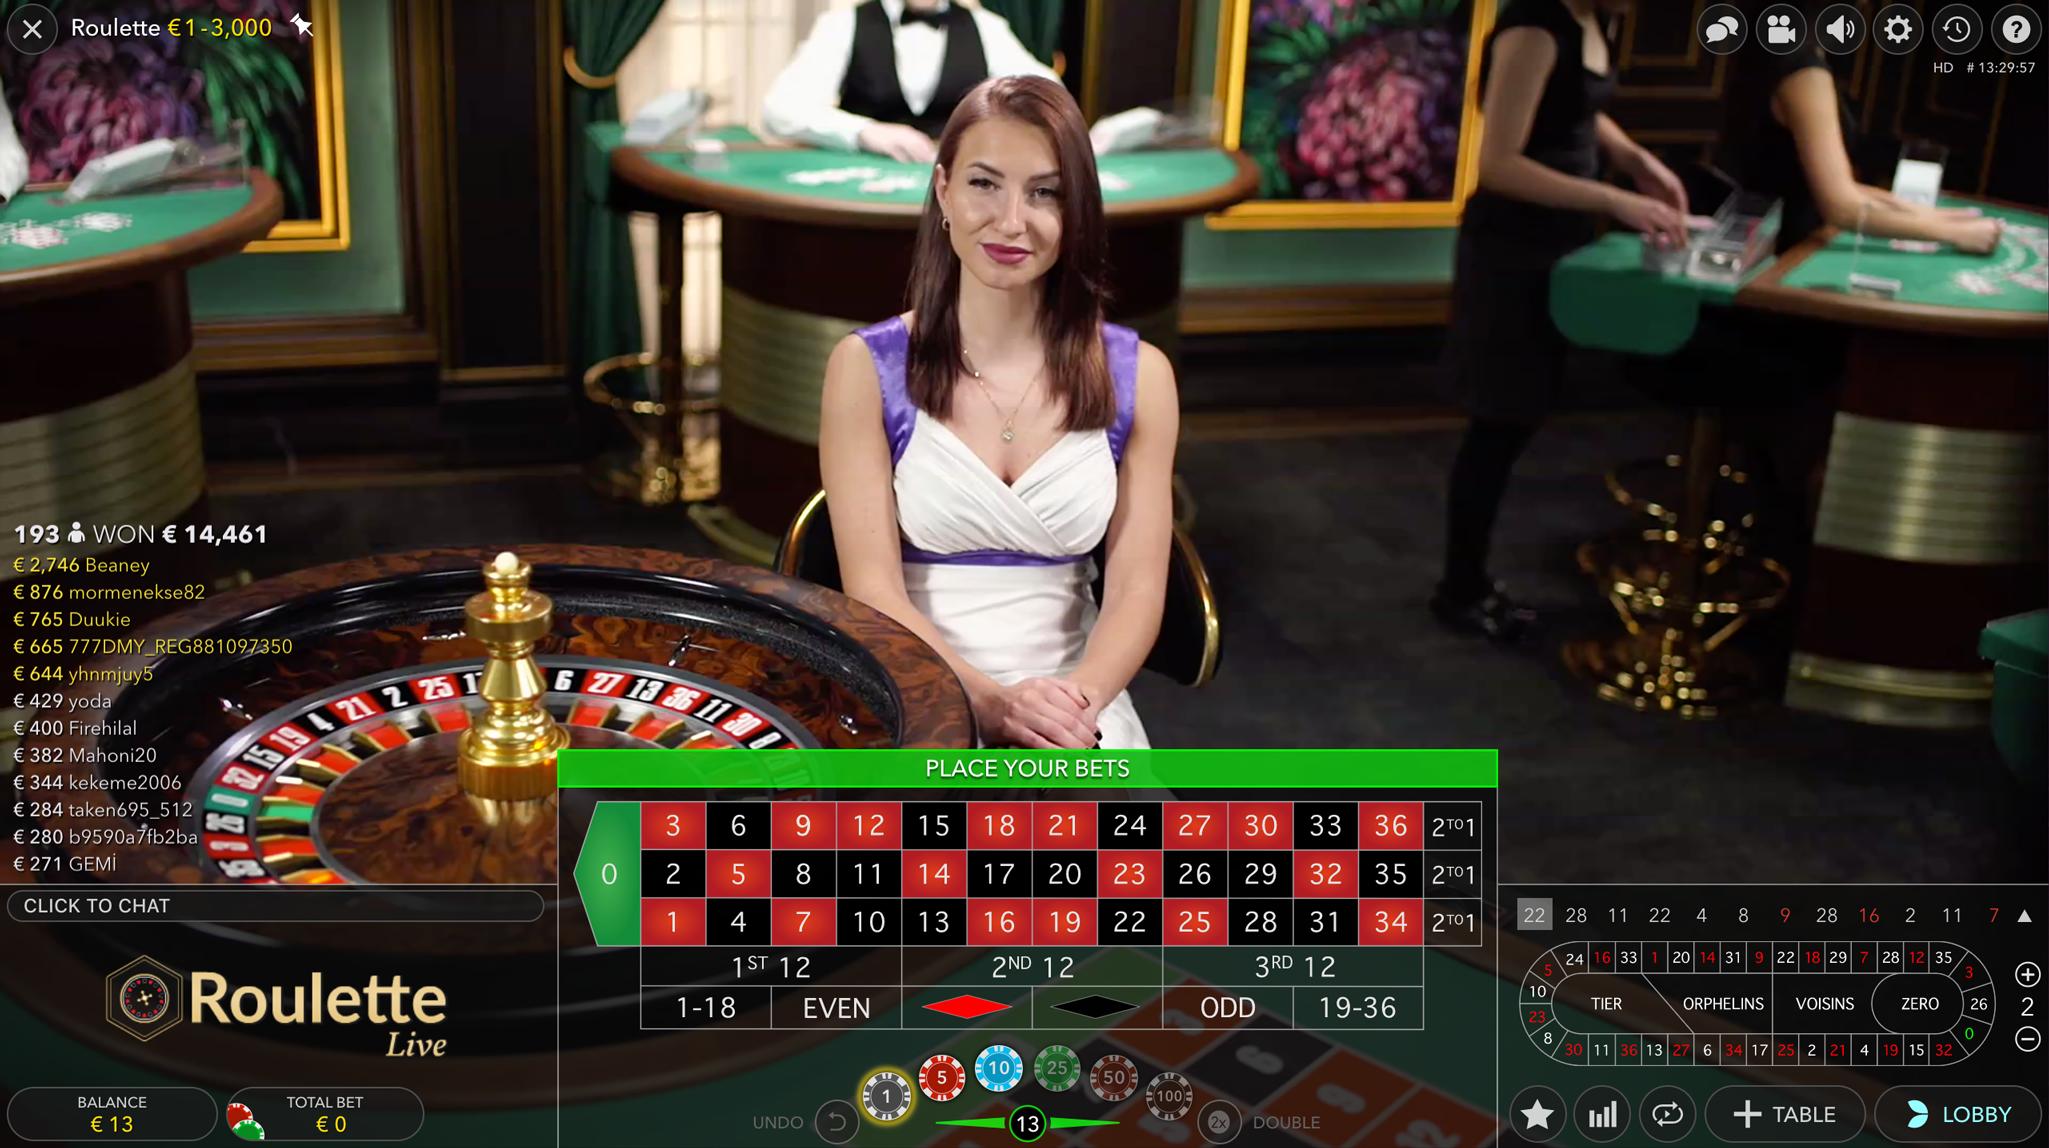 Online rulete_tiešsaistes kazino rulete_Live Krupjē